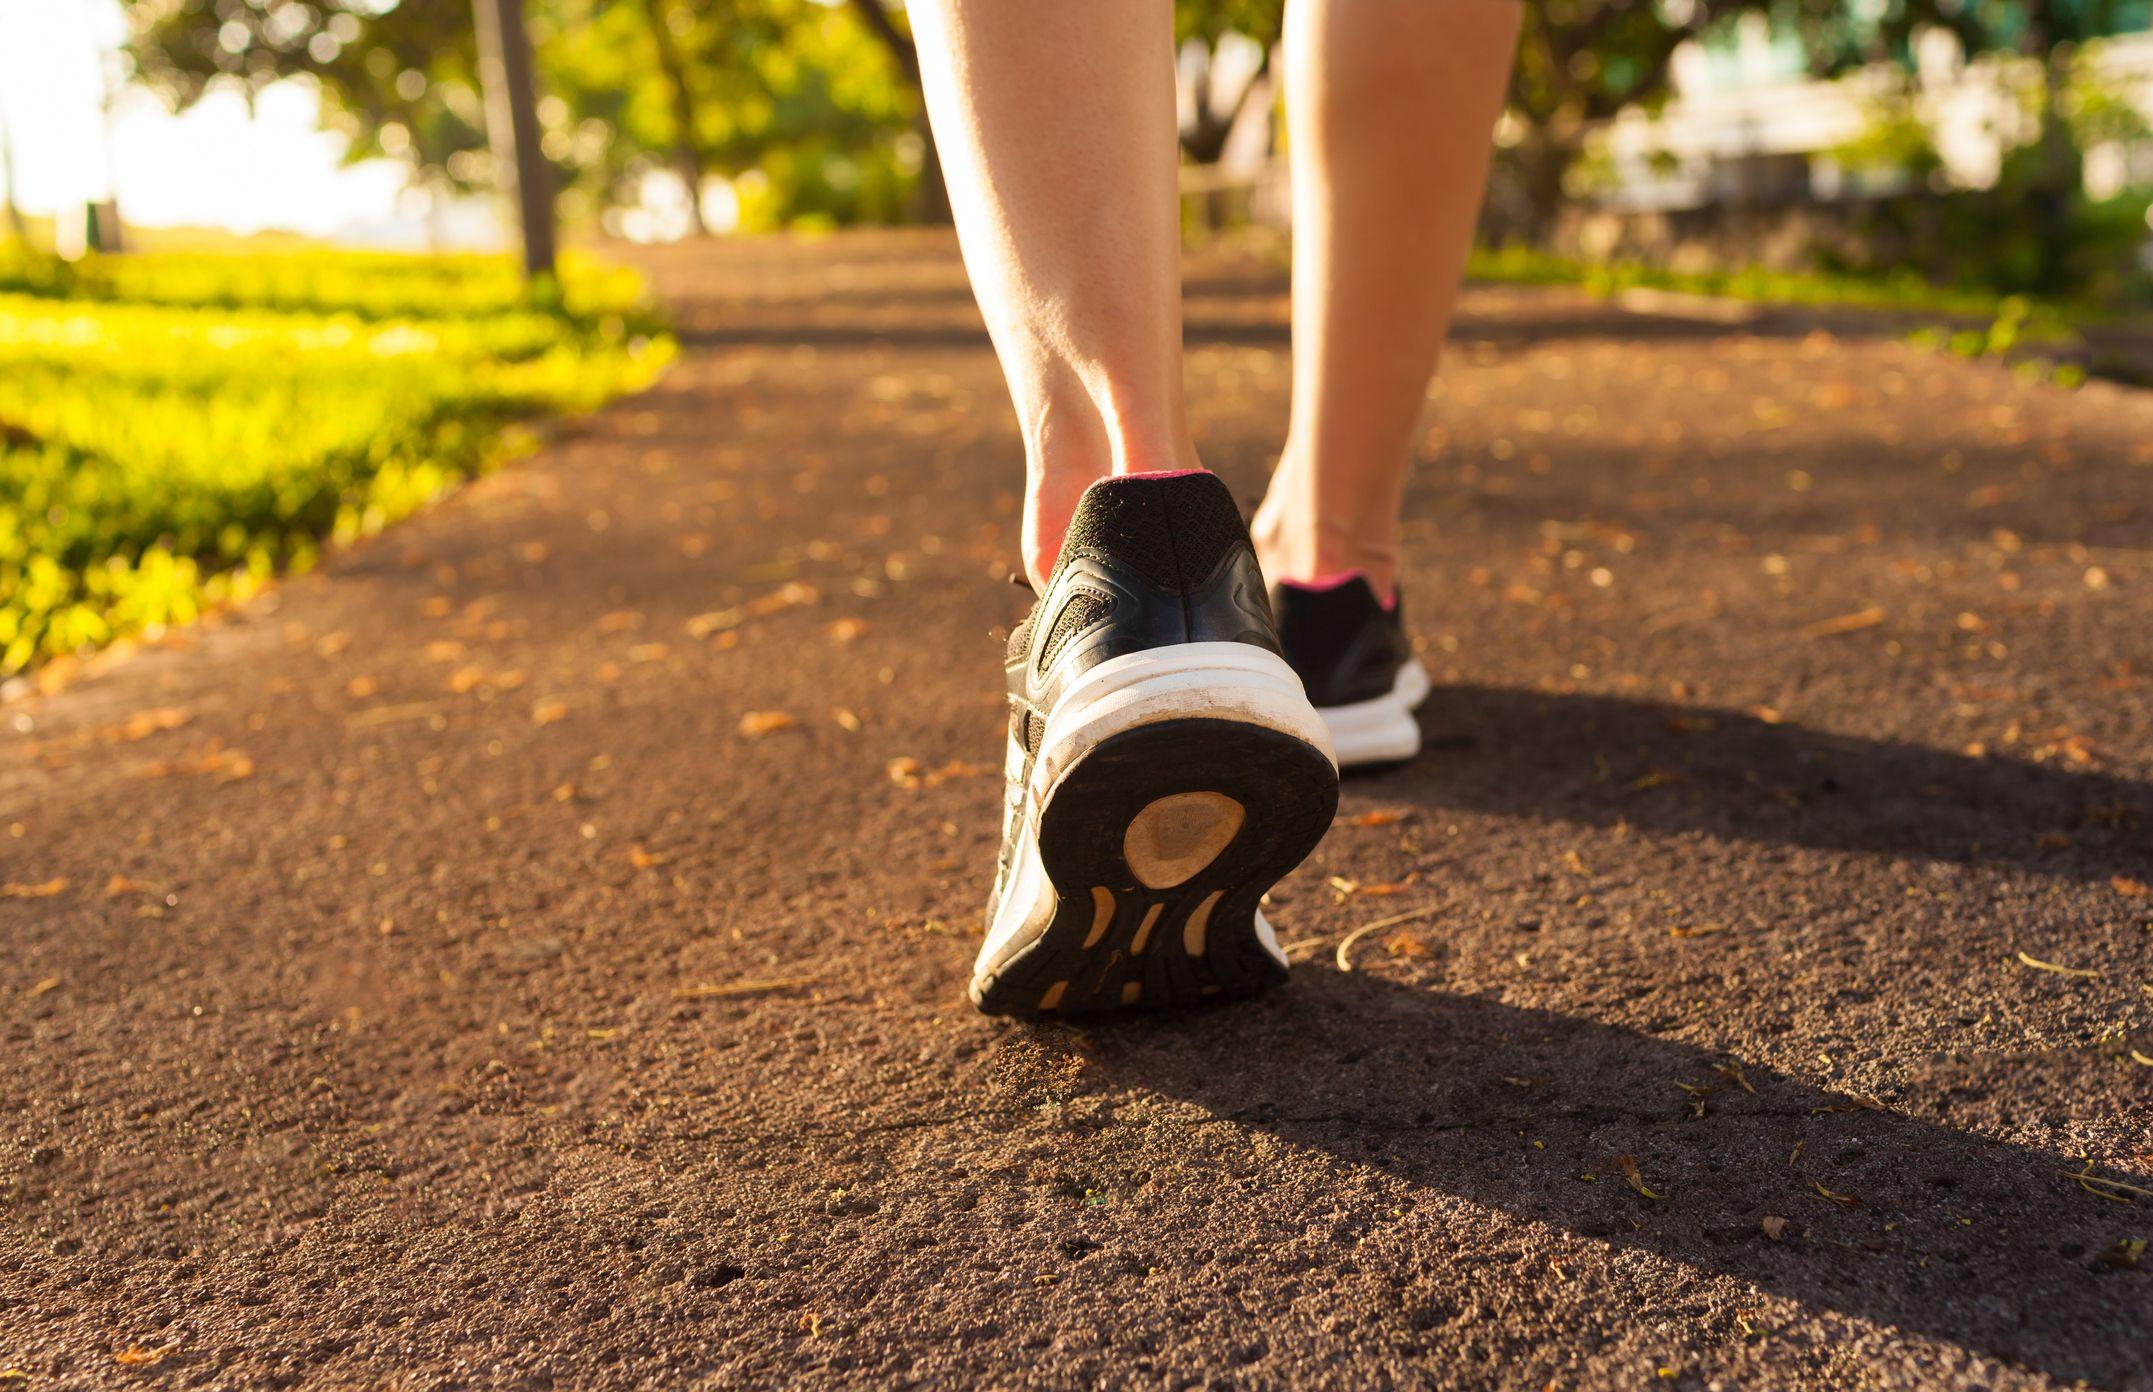 Pešia chôdza: Jednoduchý spôsob, ako dať za 30 minút dolu až 3 kilá